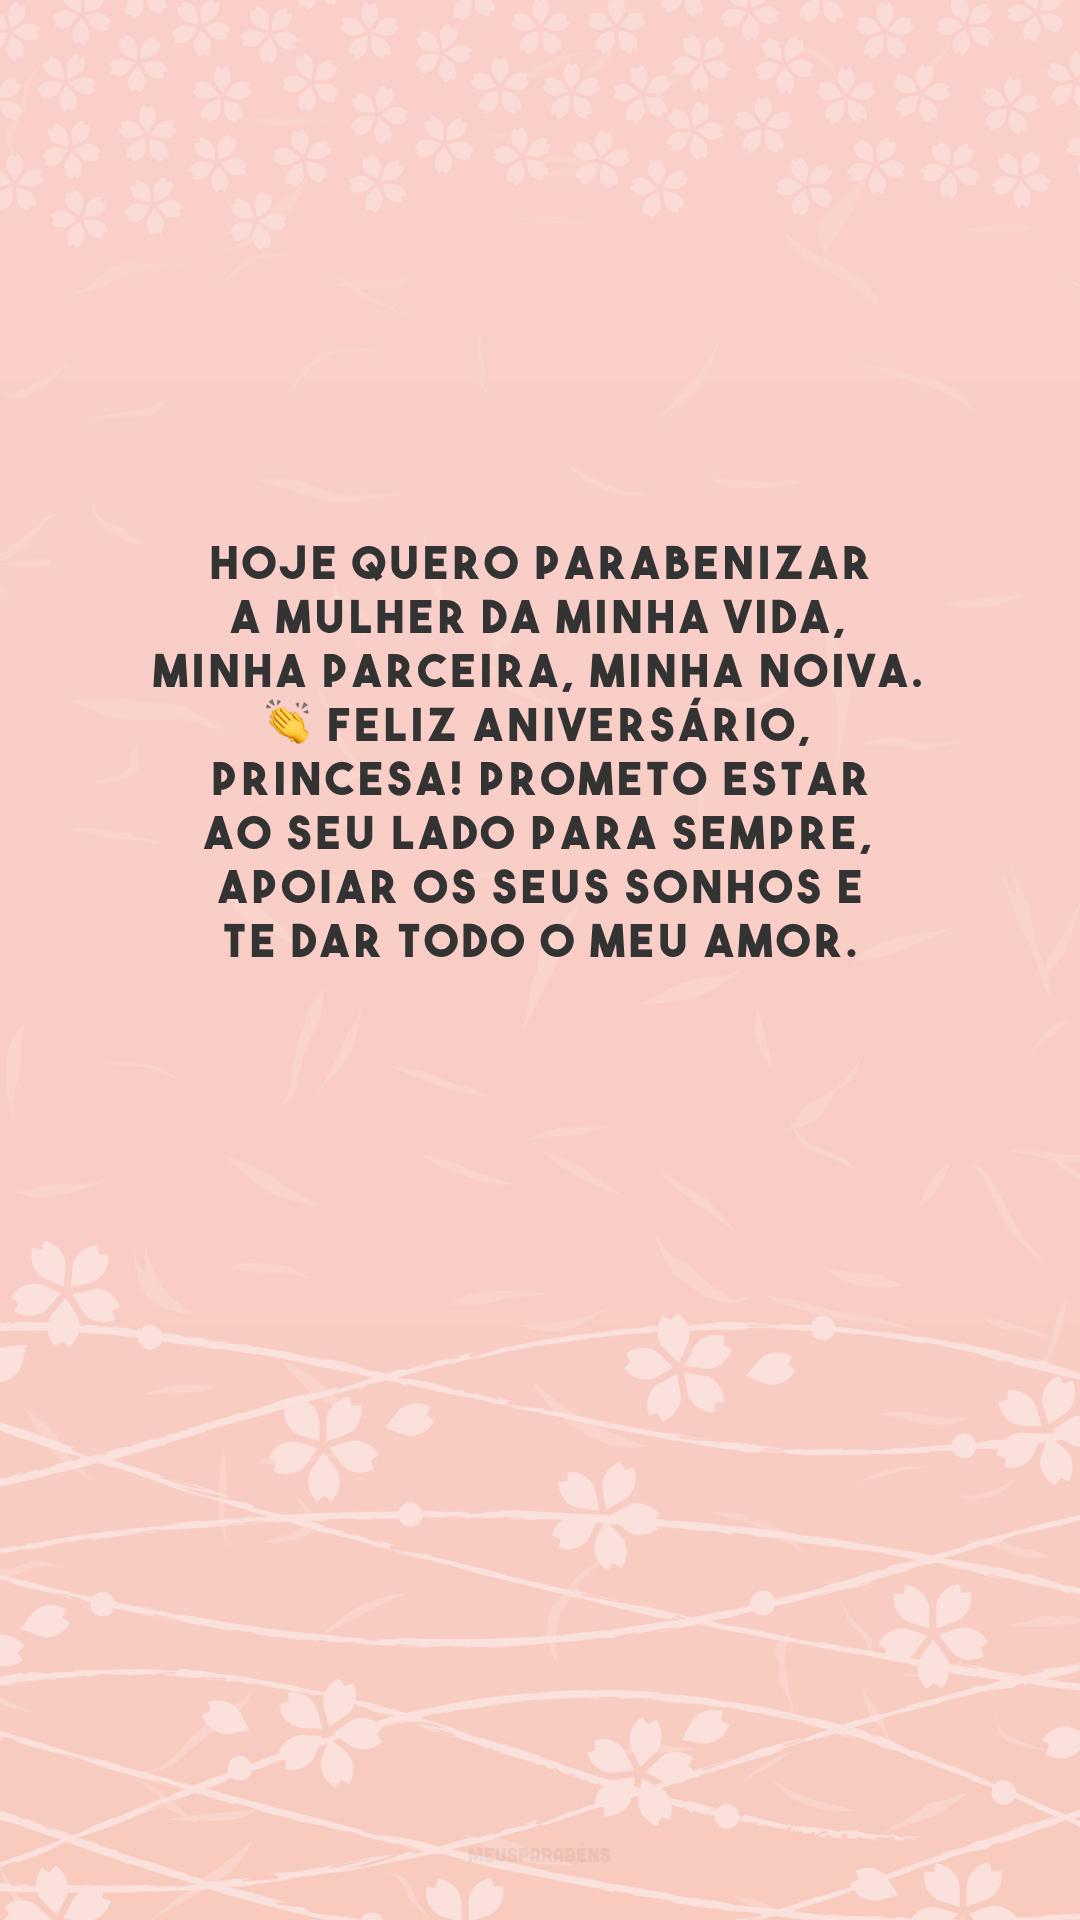 Hoje quero parabenizar a mulher da minha vida, minha parceira, minha noiva. 👏 Feliz aniversário, princesa! Prometo estar ao seu lado para sempre, apoiar os seus sonhos e te dar todo o meu amor.